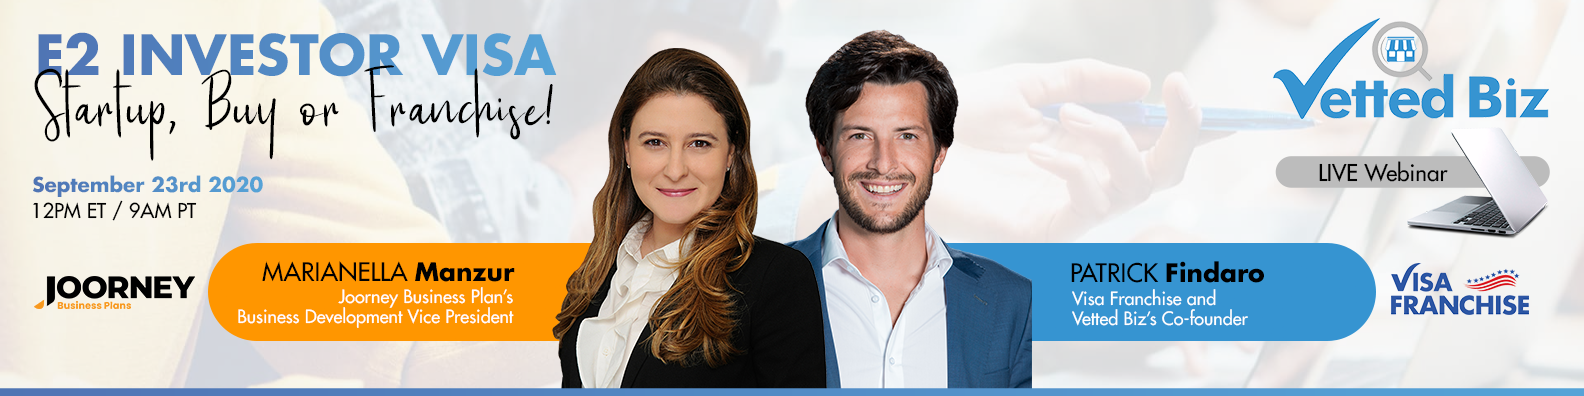 Webinar - E2 Investor Visas - Visa Franchise and Vetted Biz